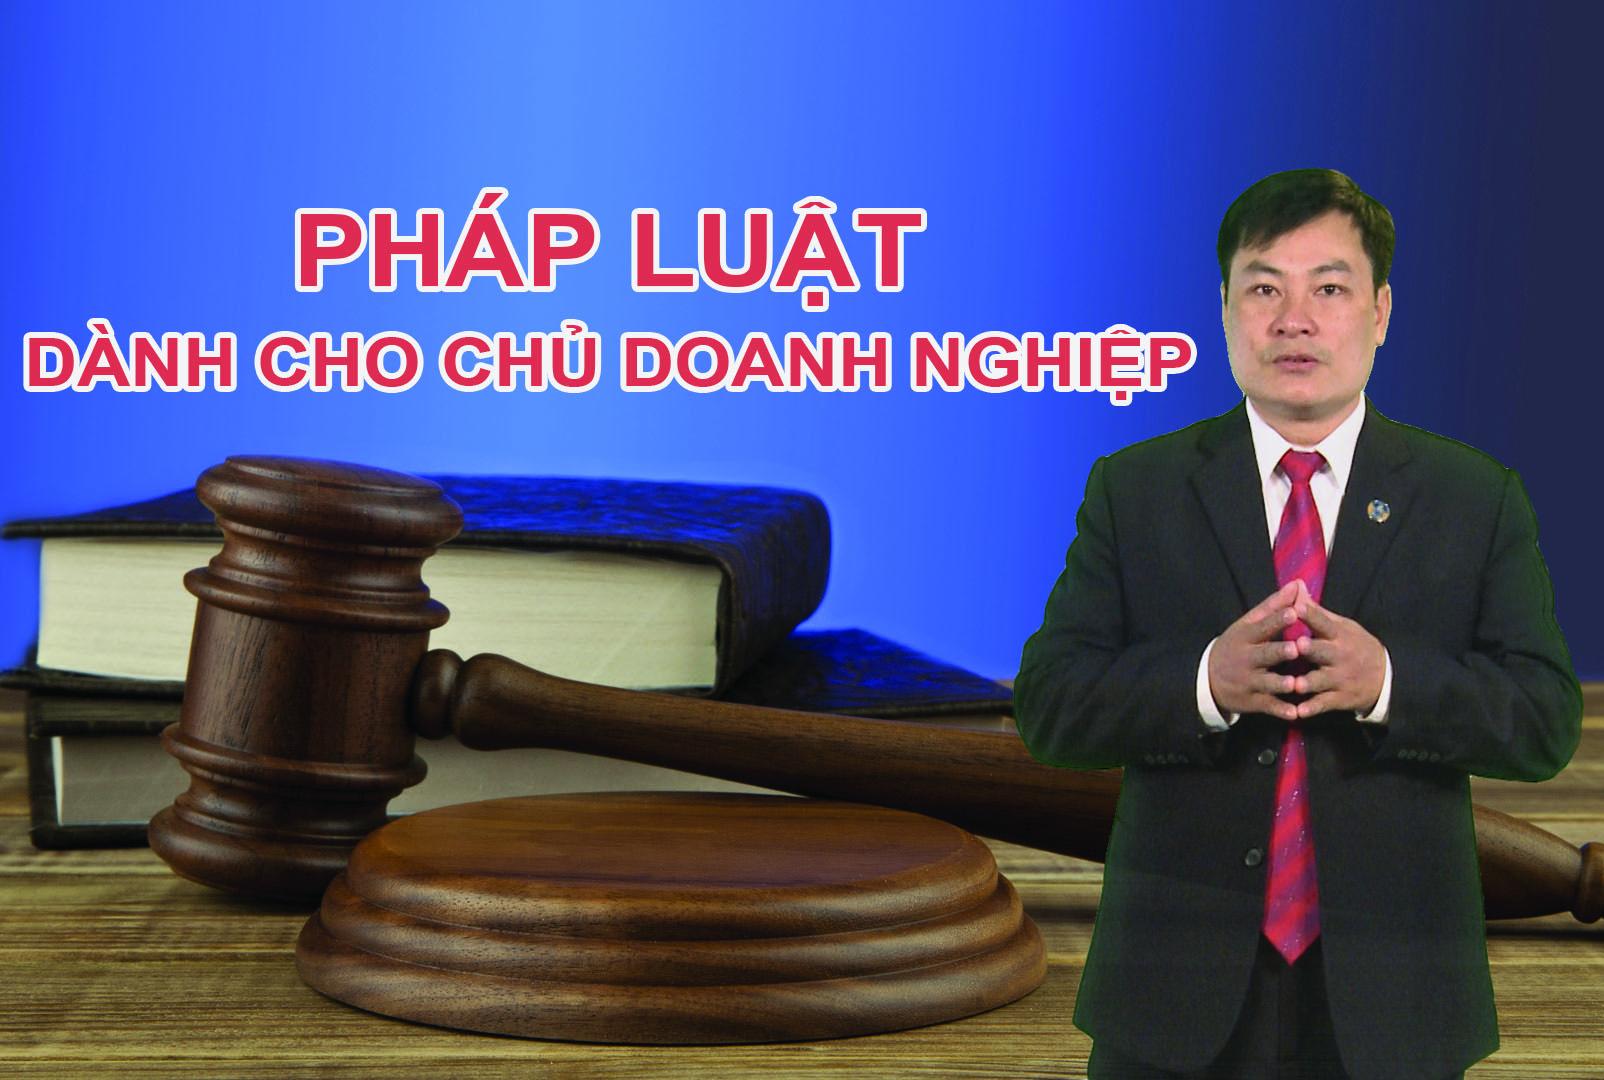 Pháp luật dành cho Chủ doanh nghiệp